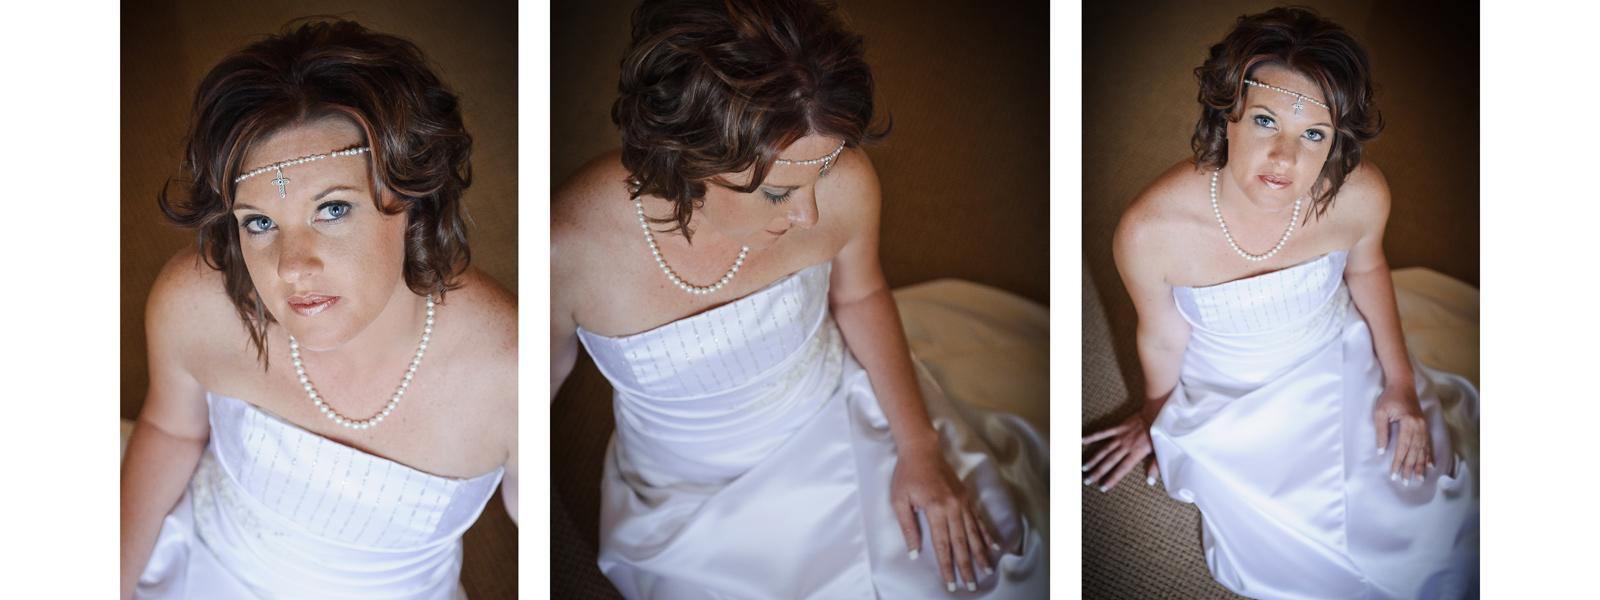 Nathalie Boucry Photography | Charlene and Craig Wedding Album 006